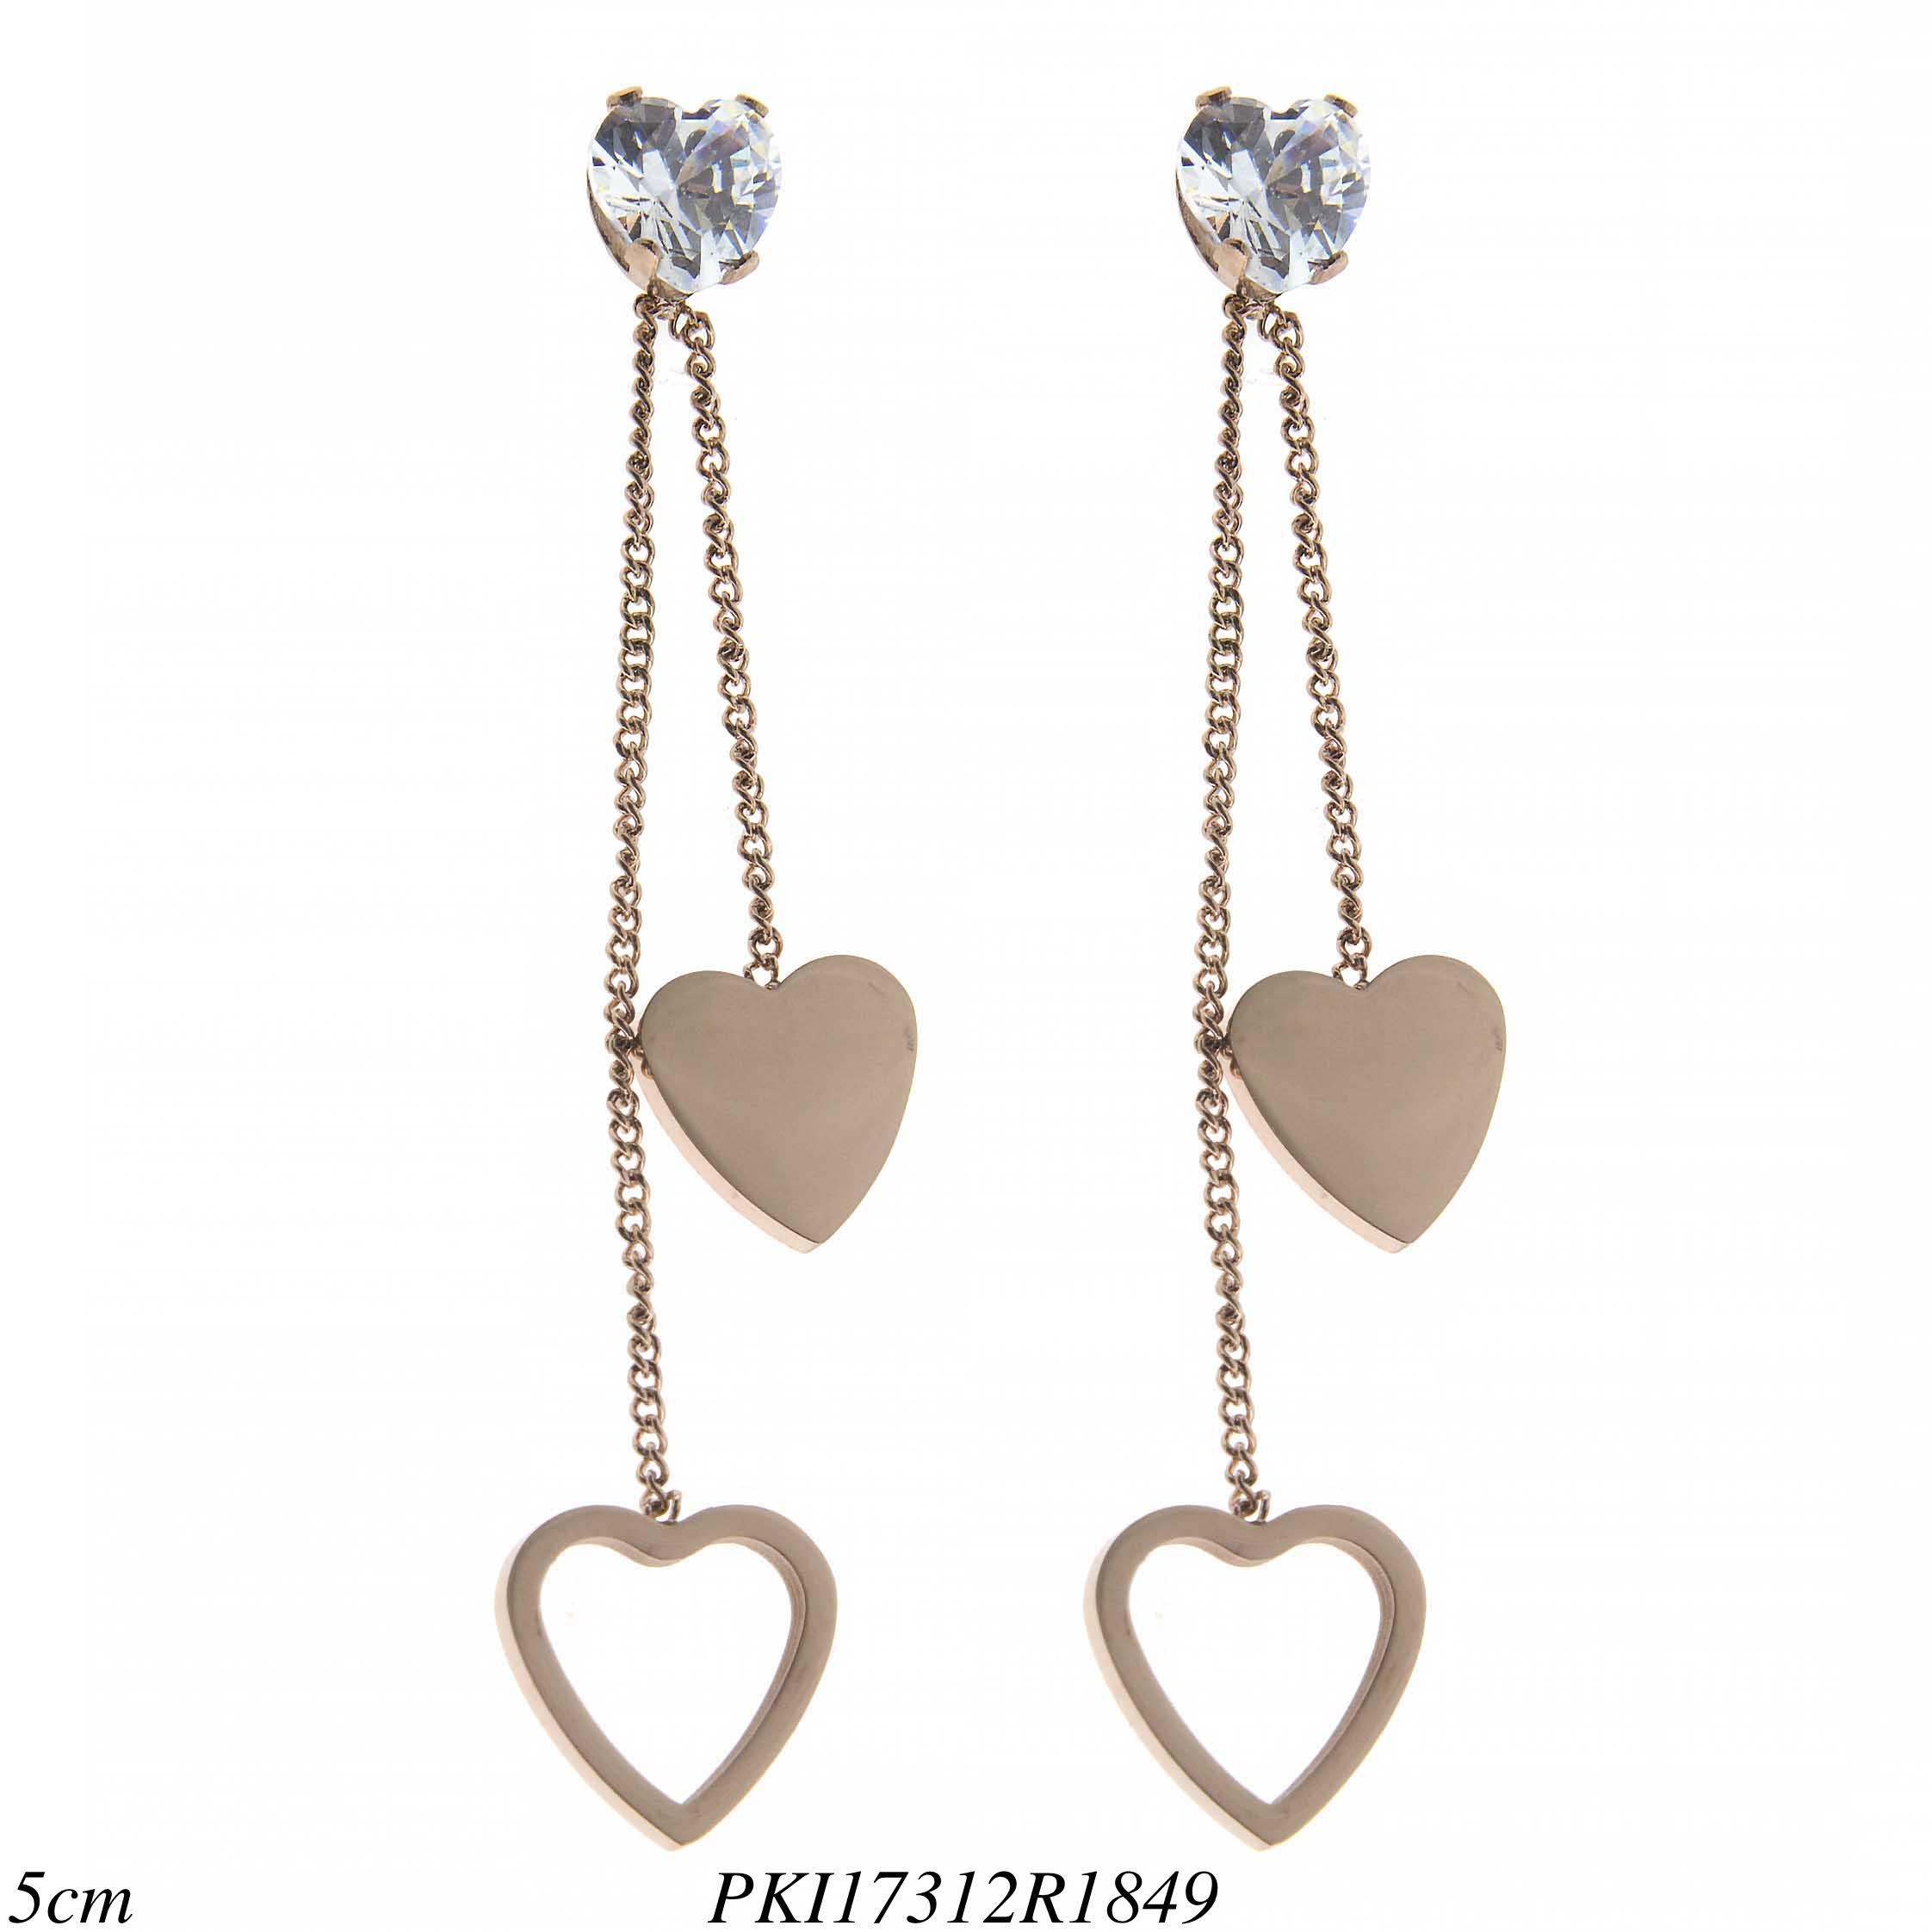 9b6c8aca92ed5 Brinco luxo aço com corrente e ponto de luz de coração em banho de ouro rosé